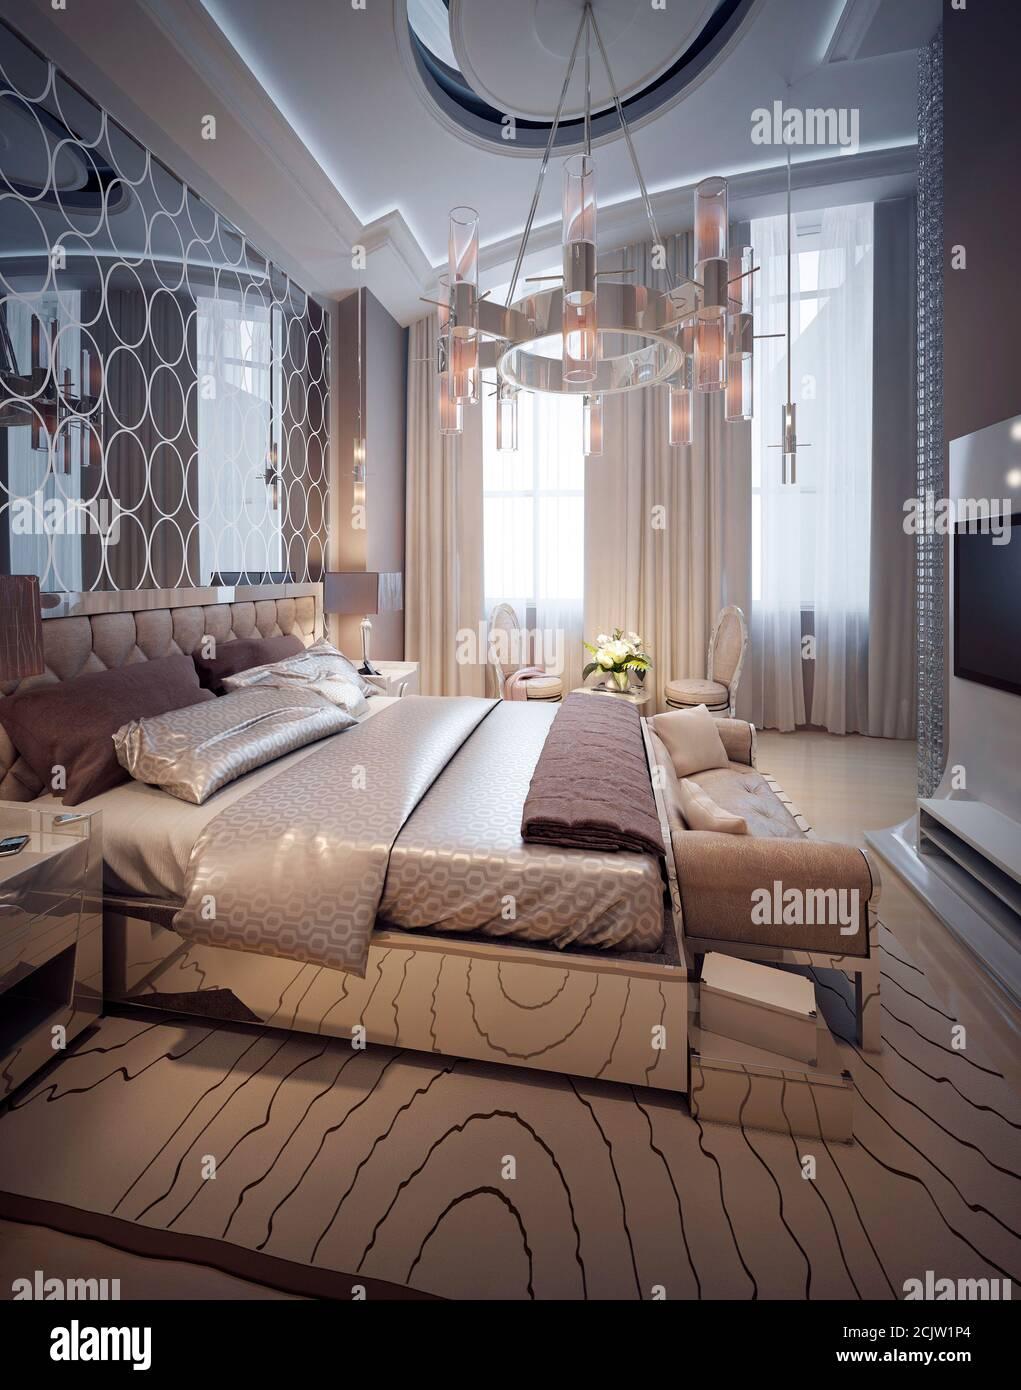 Luxury Bedroom Art Deco Style 3d Render Stock Photo Alamy